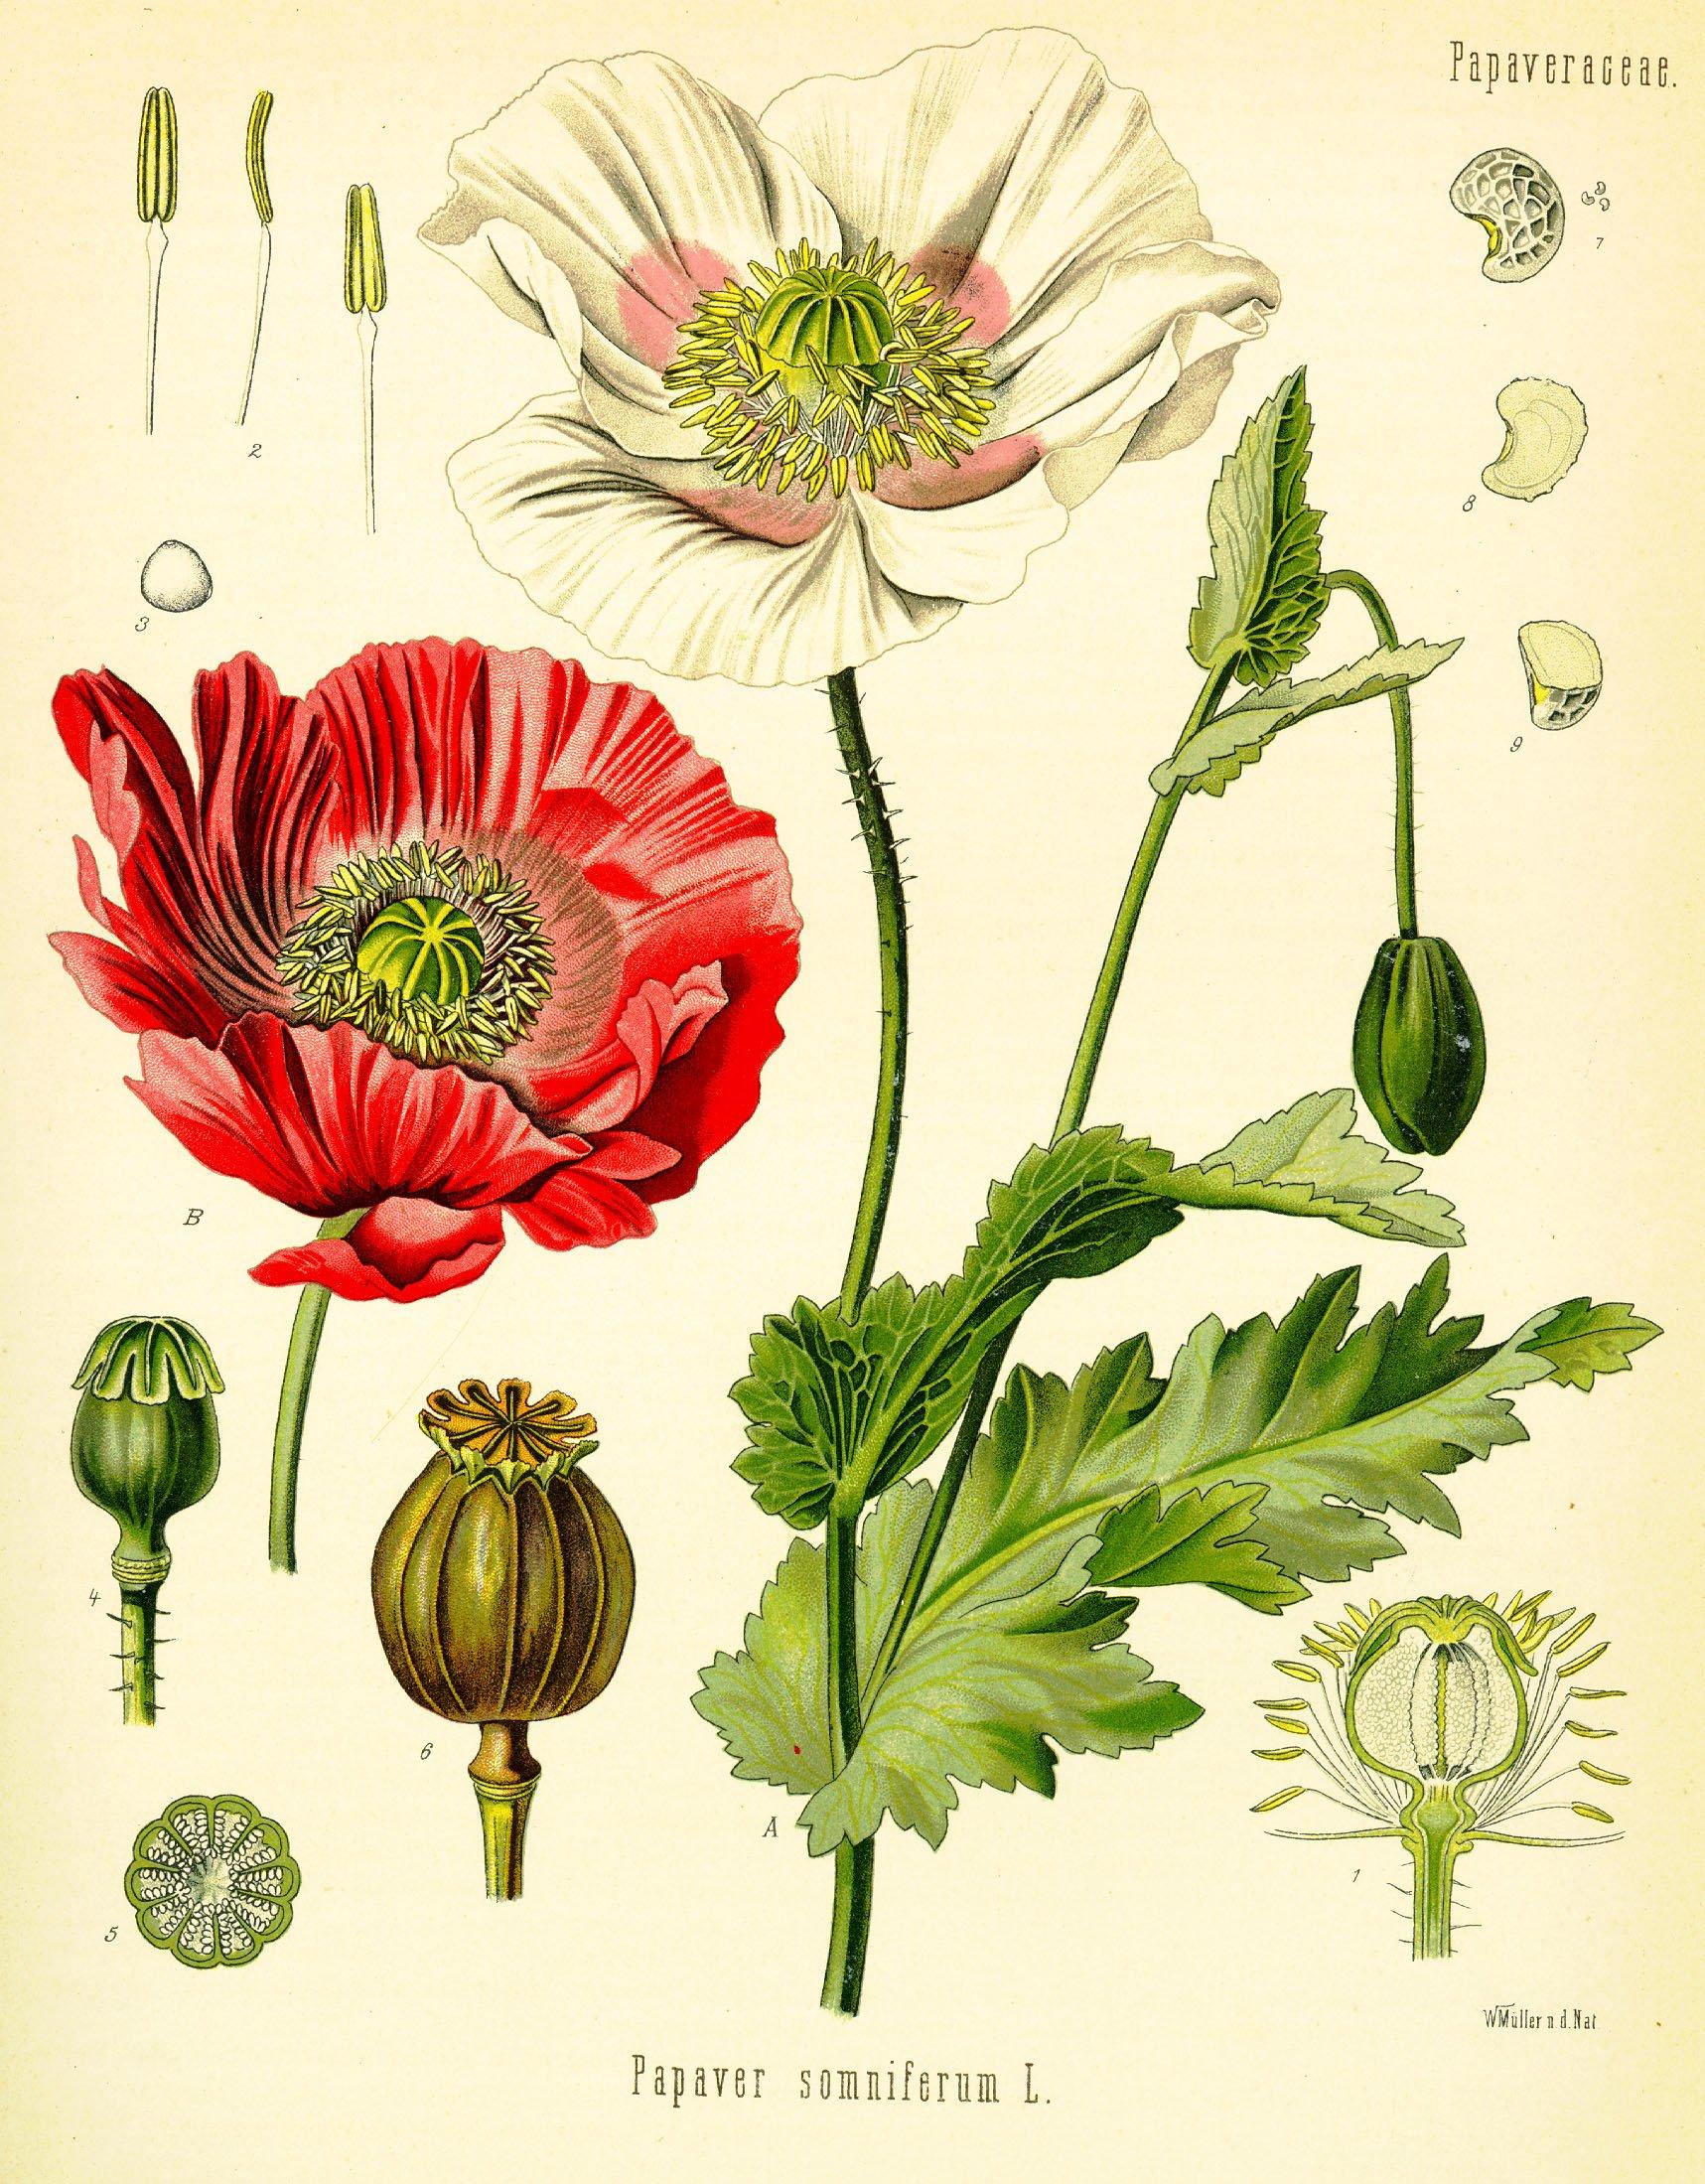 OPIUM VALLMO 1890